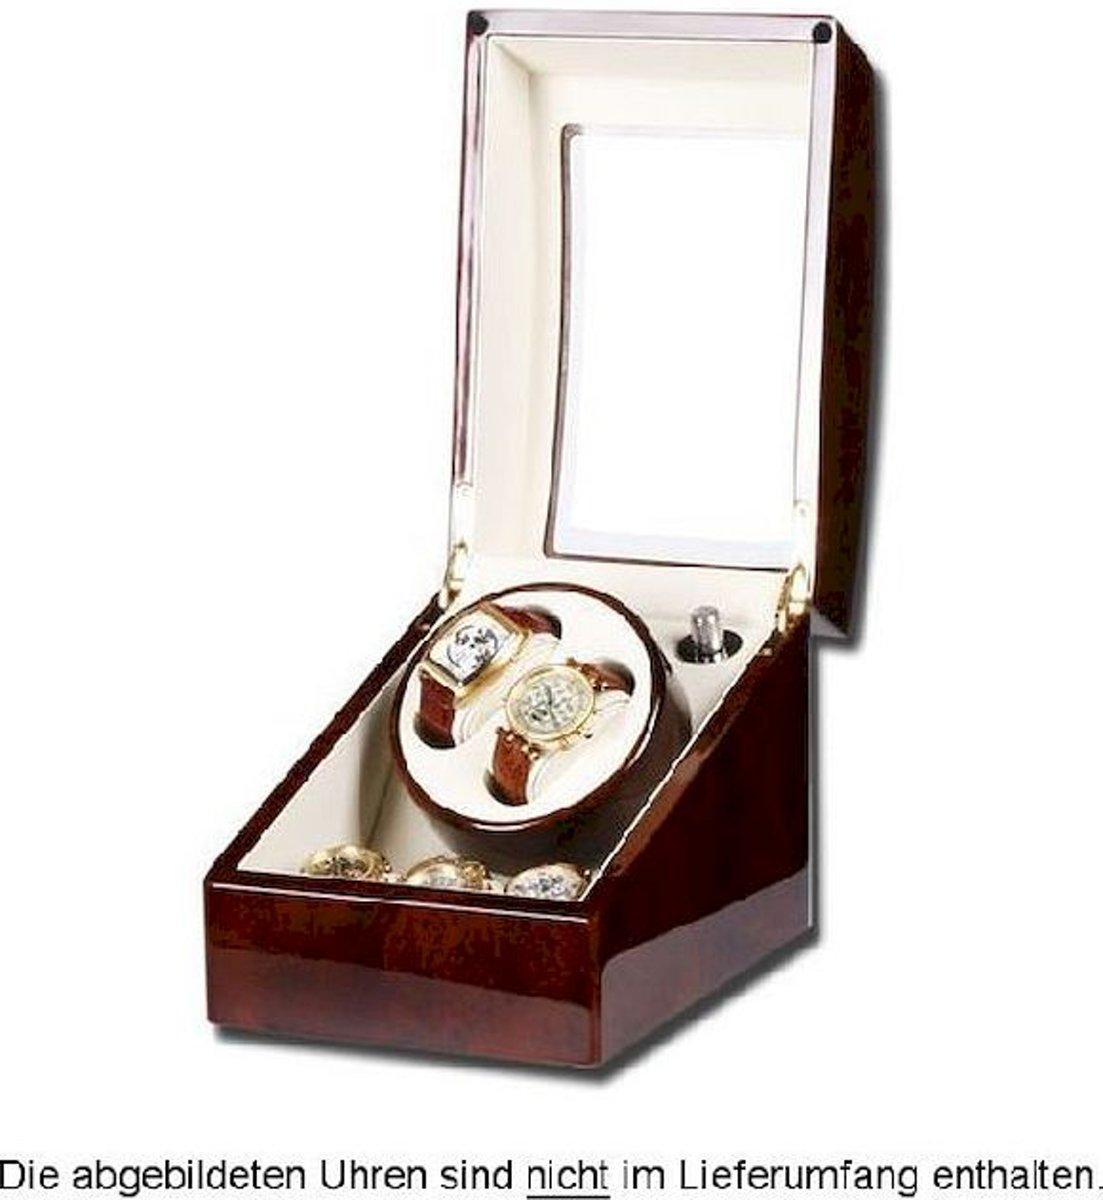 Portax Watchwinder Eleganza 2 Uhren Wurzelholz 1002322002 kopen